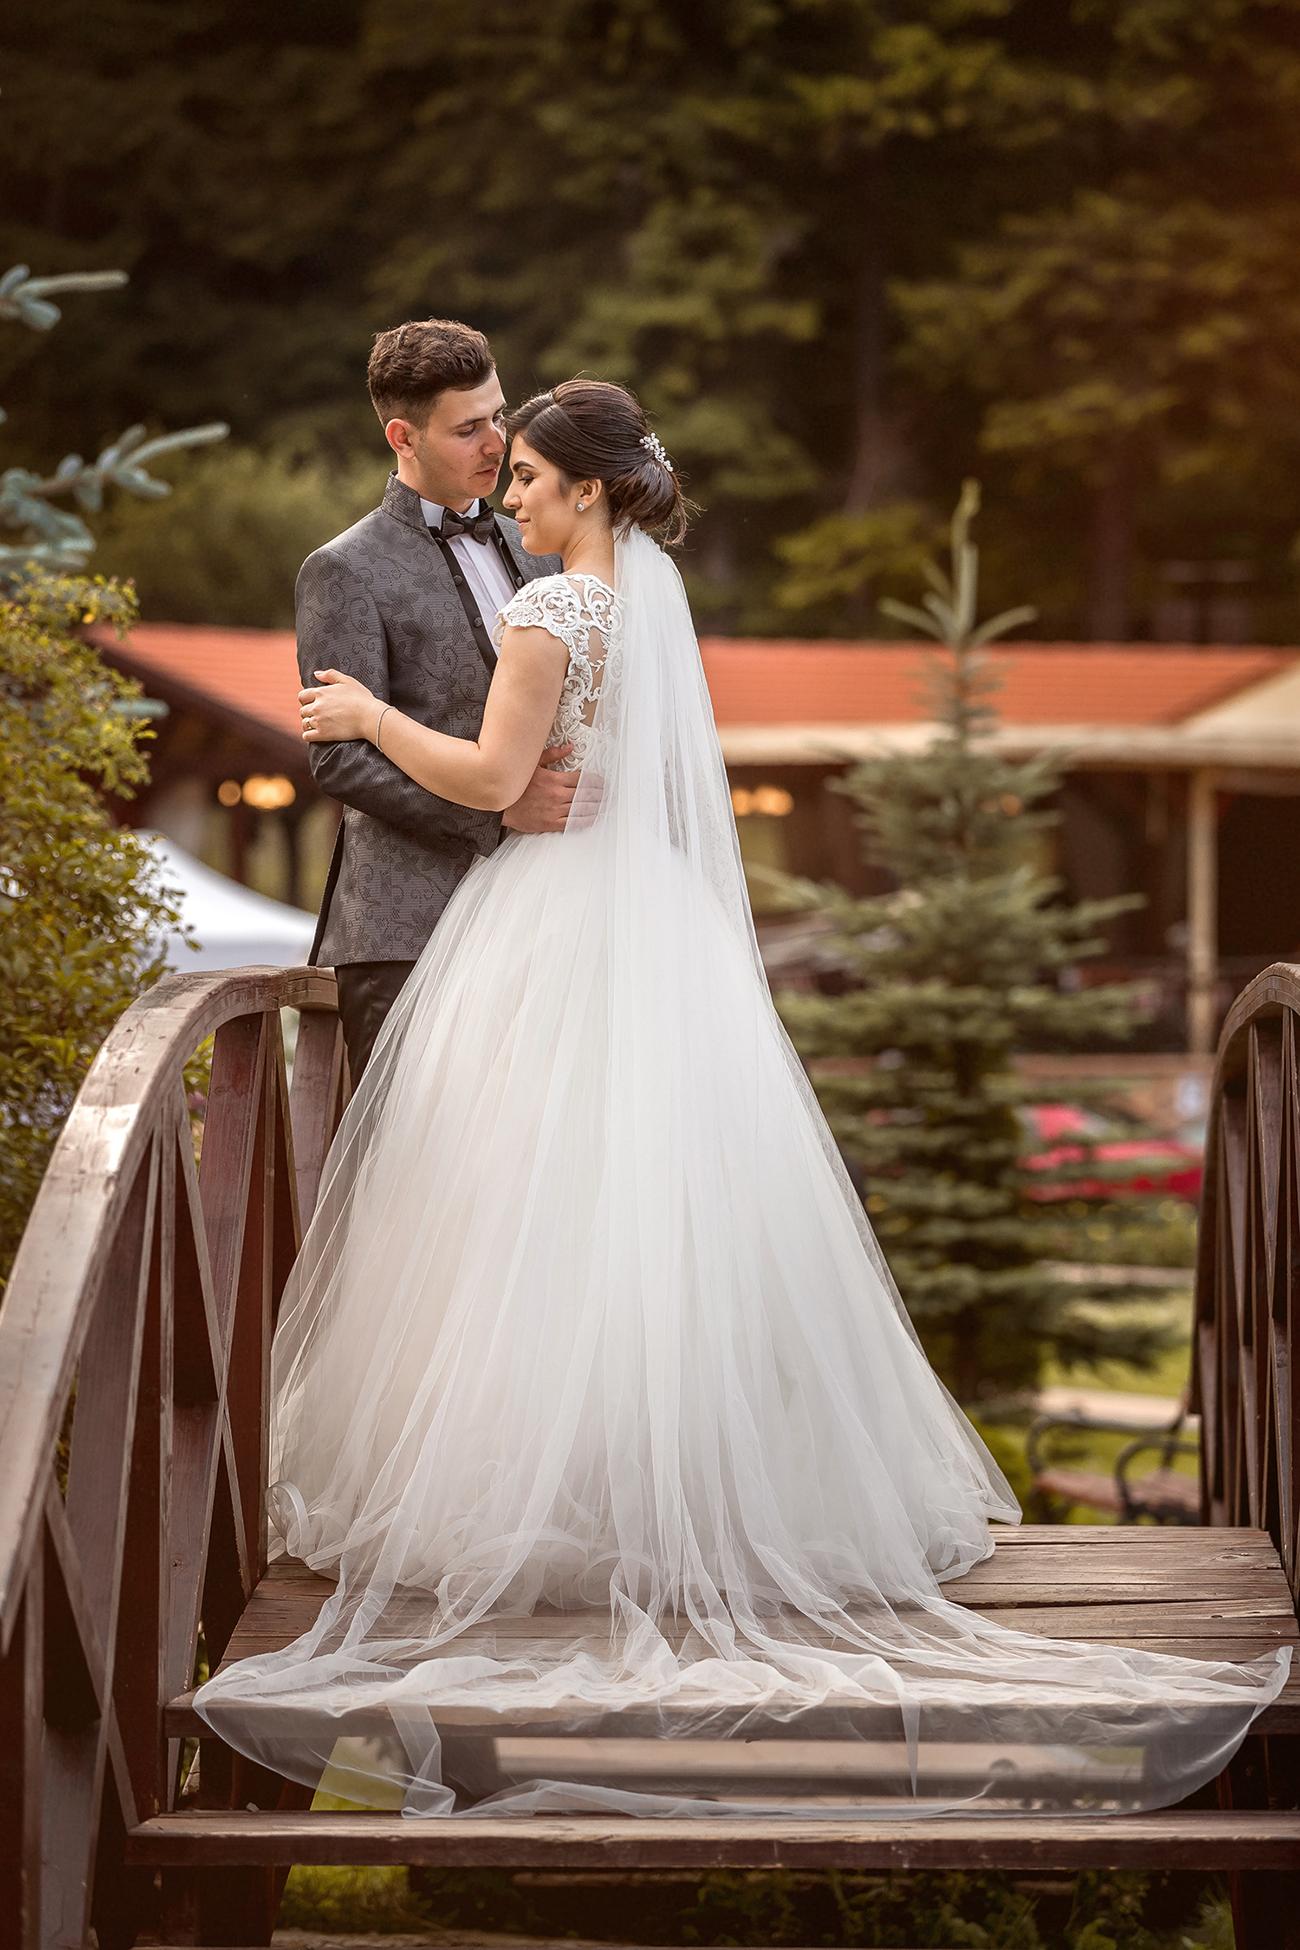 fotograf nunta piatra nemat 036 1